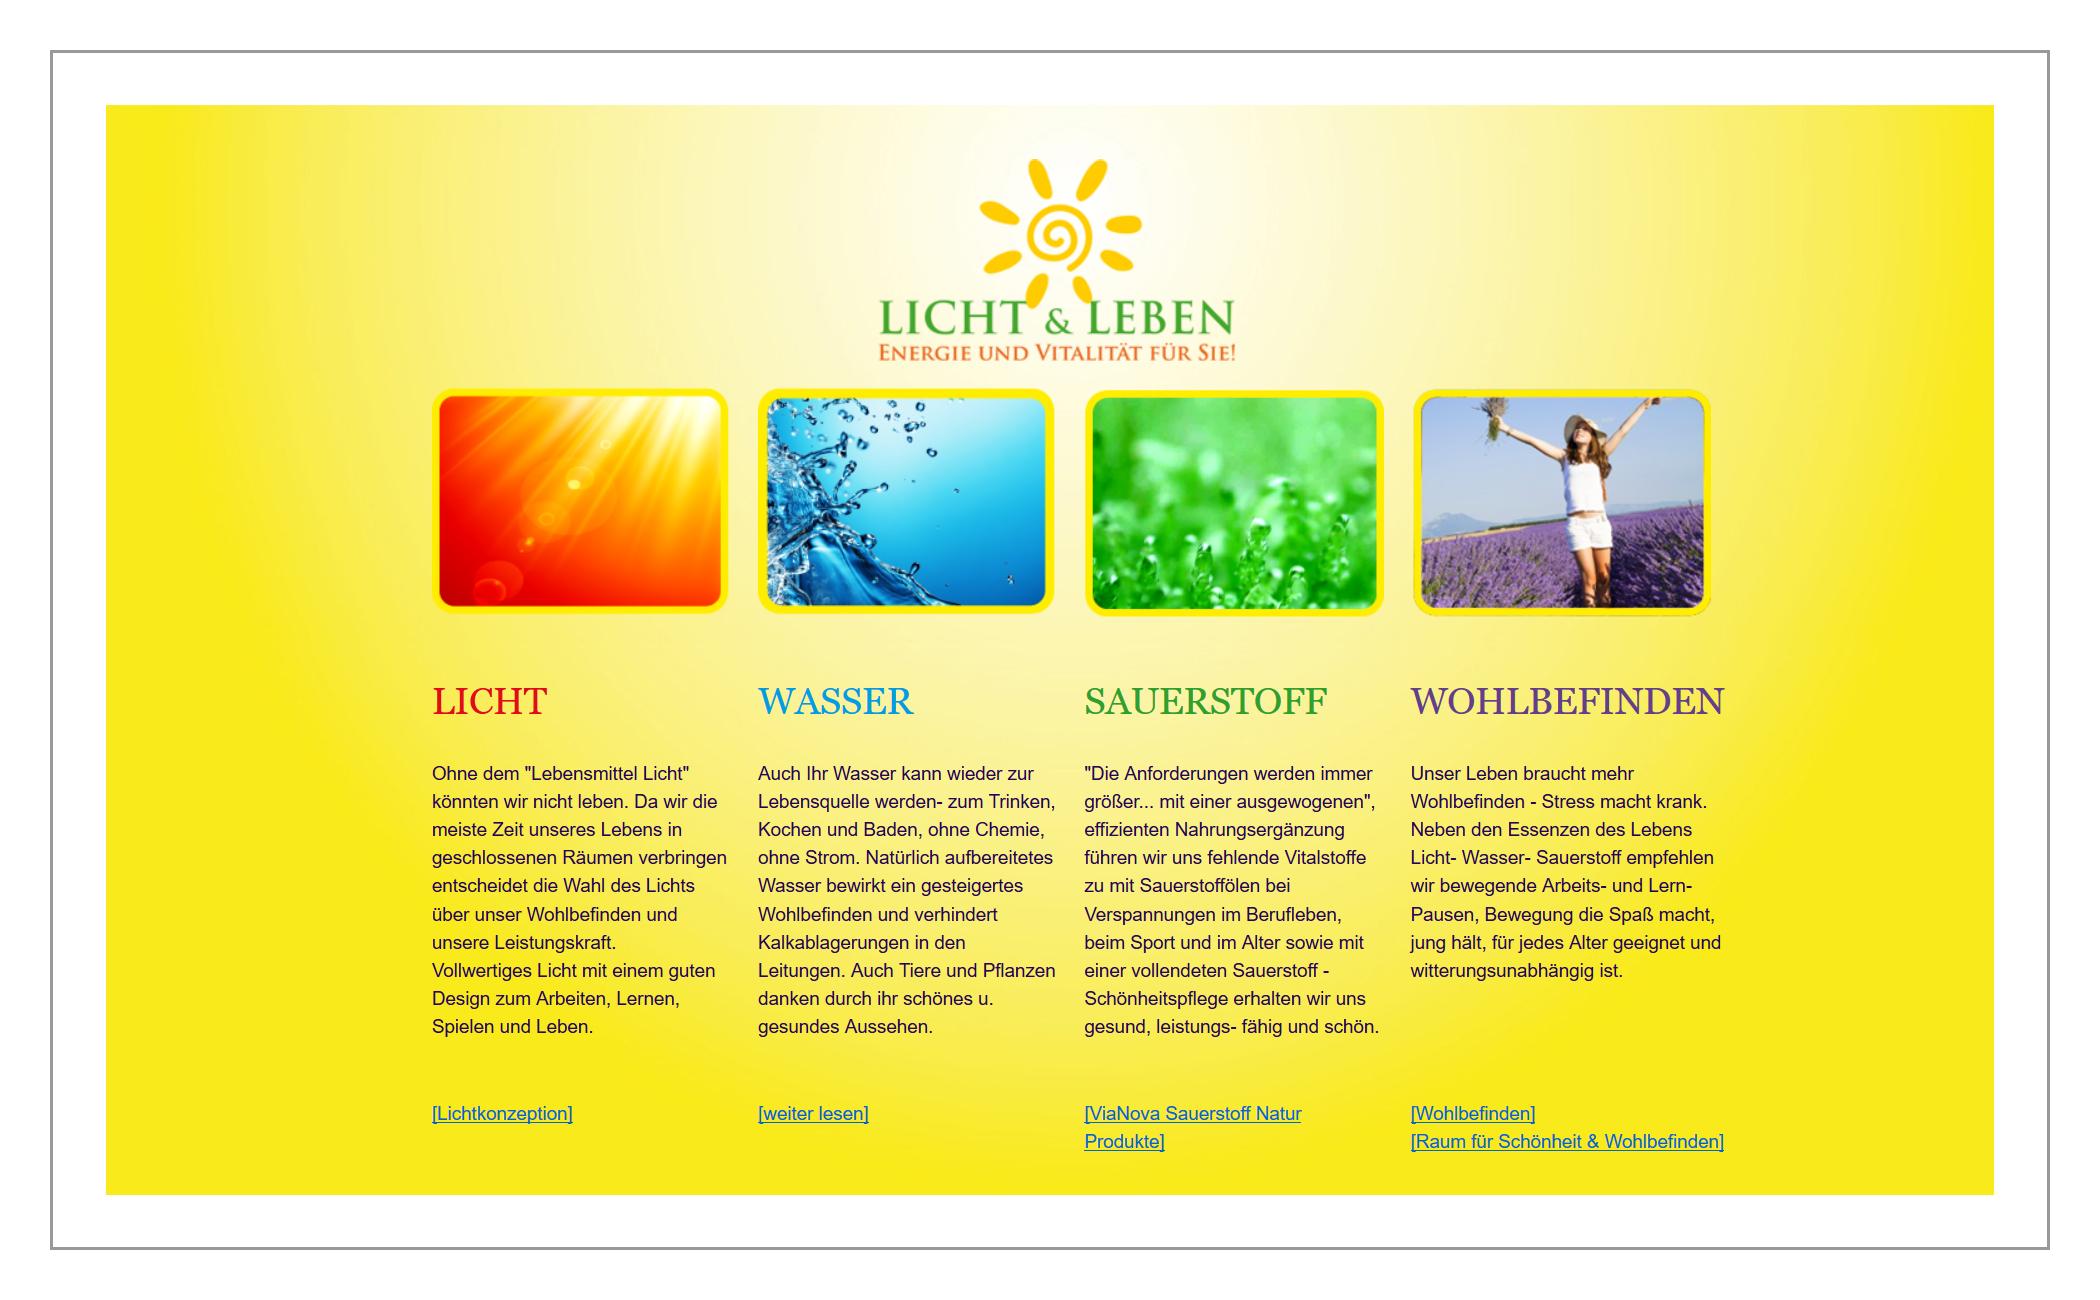 http://www.licht-leben.at/